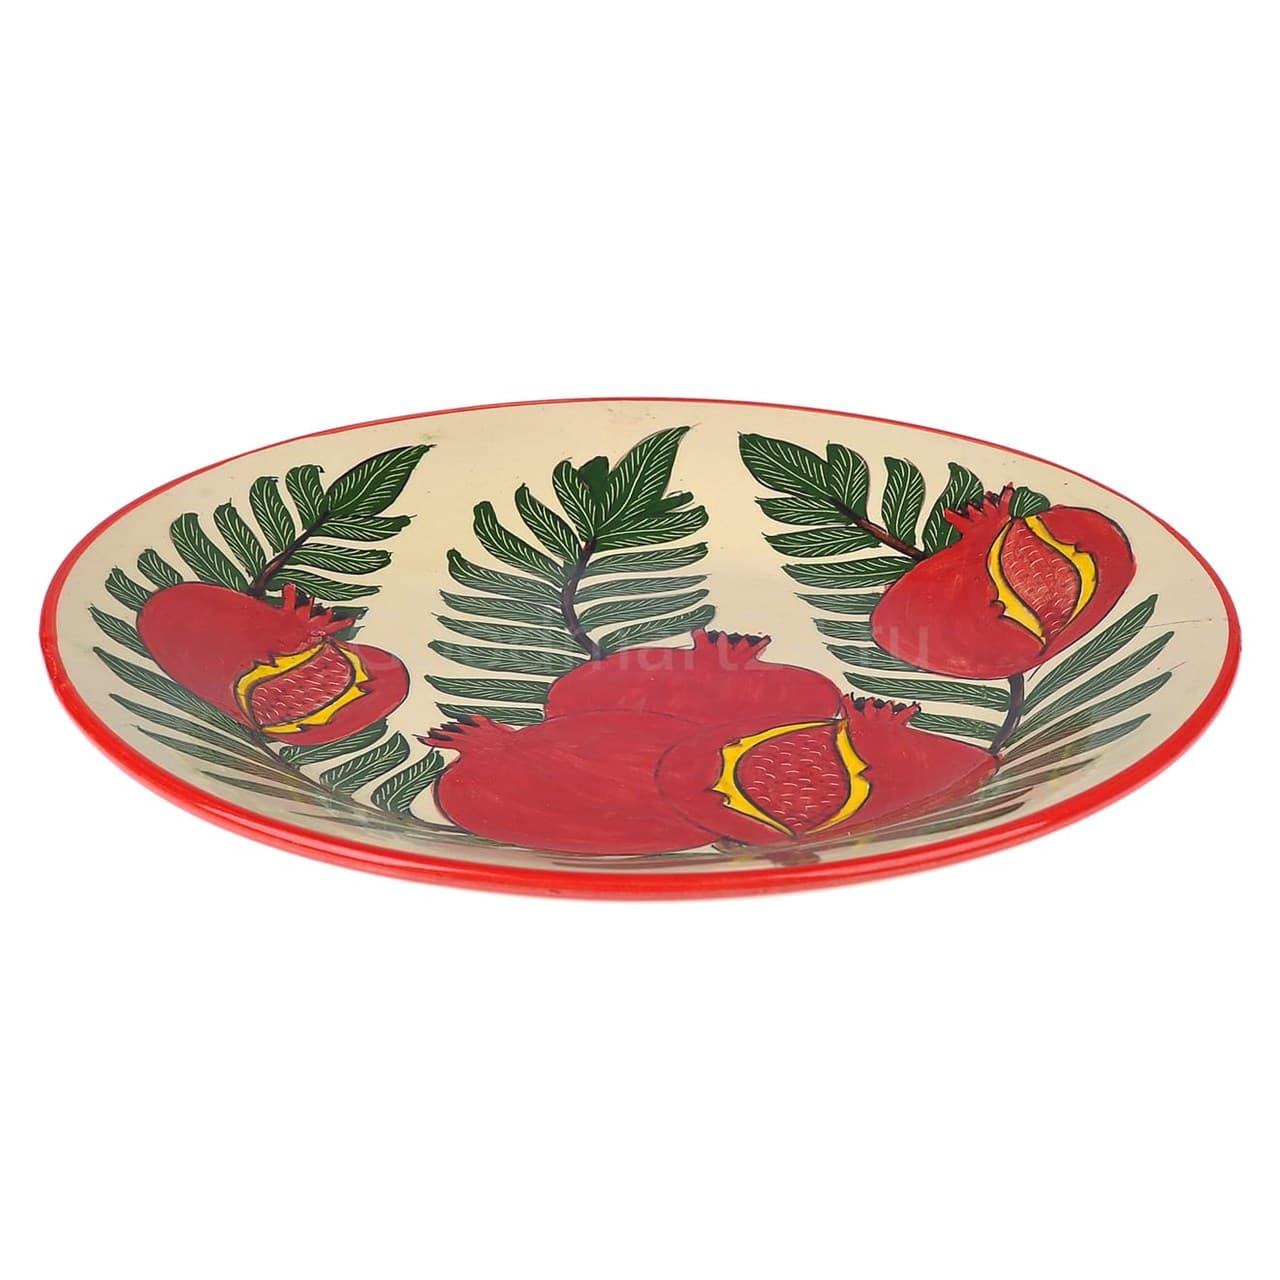 Тарелка плоская Риштанская Керамика 27 см. гранат - фото 9542